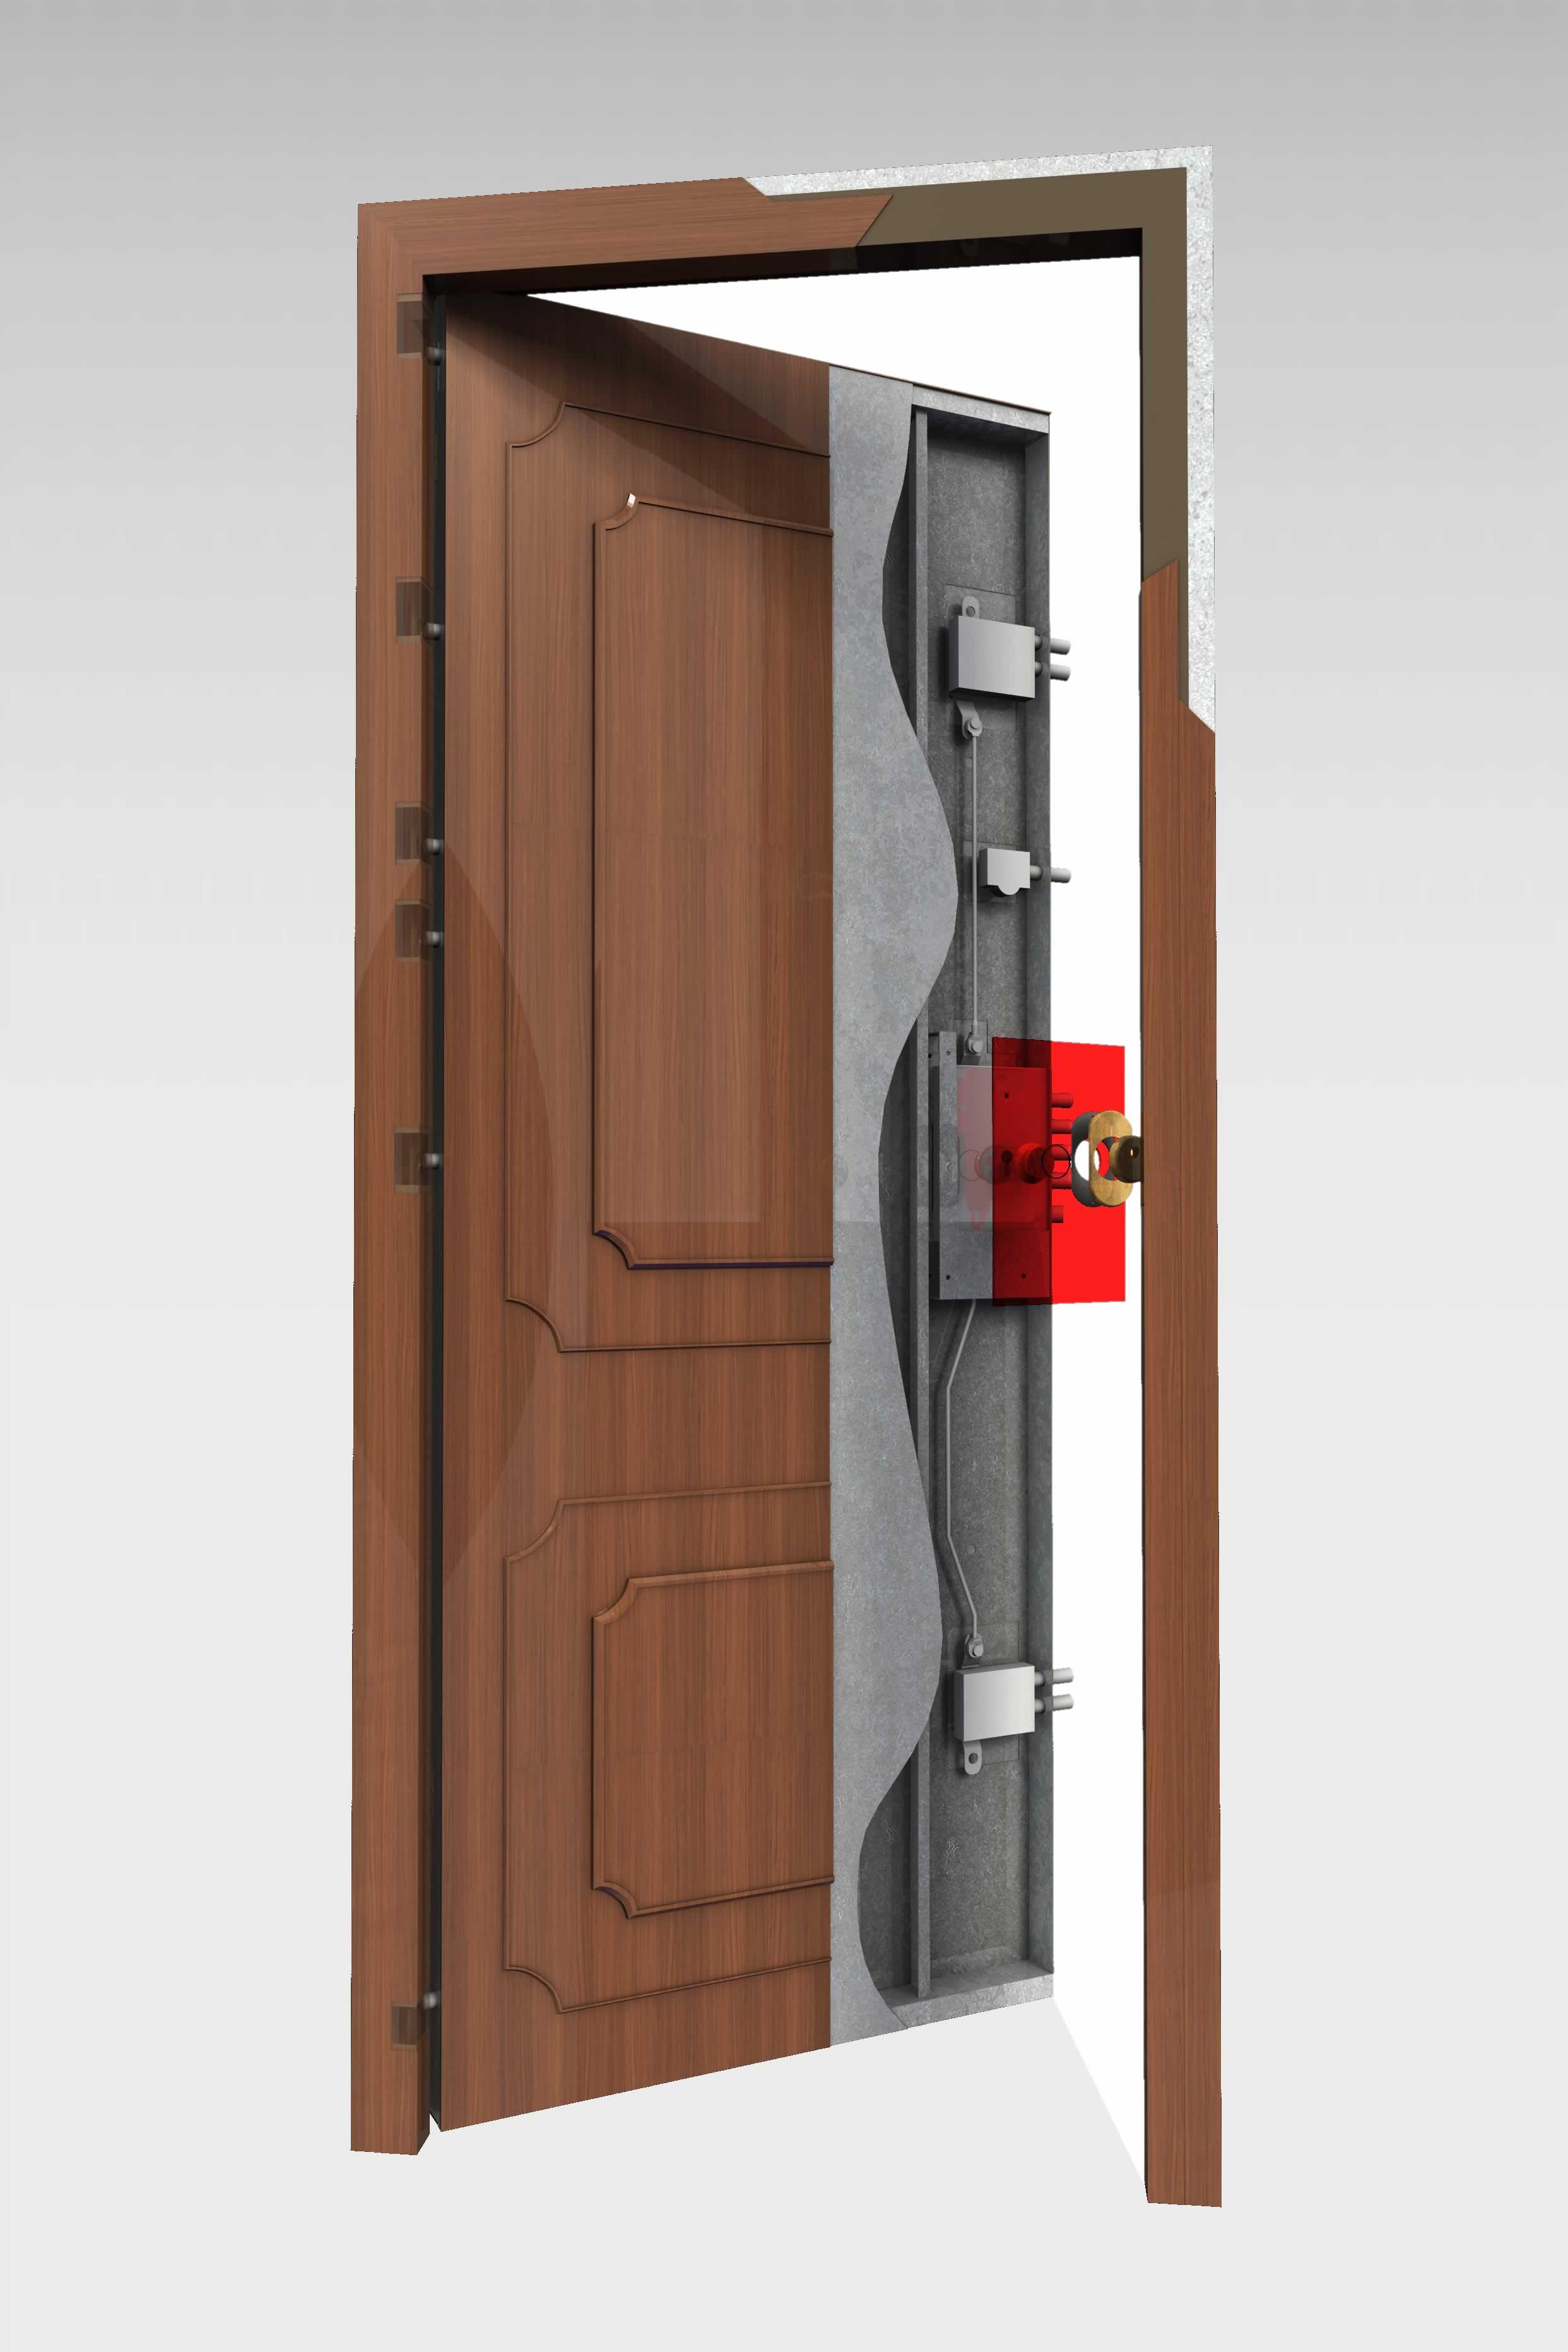 Puerta acorazada 310 roconsa for Precio de puertas para casa